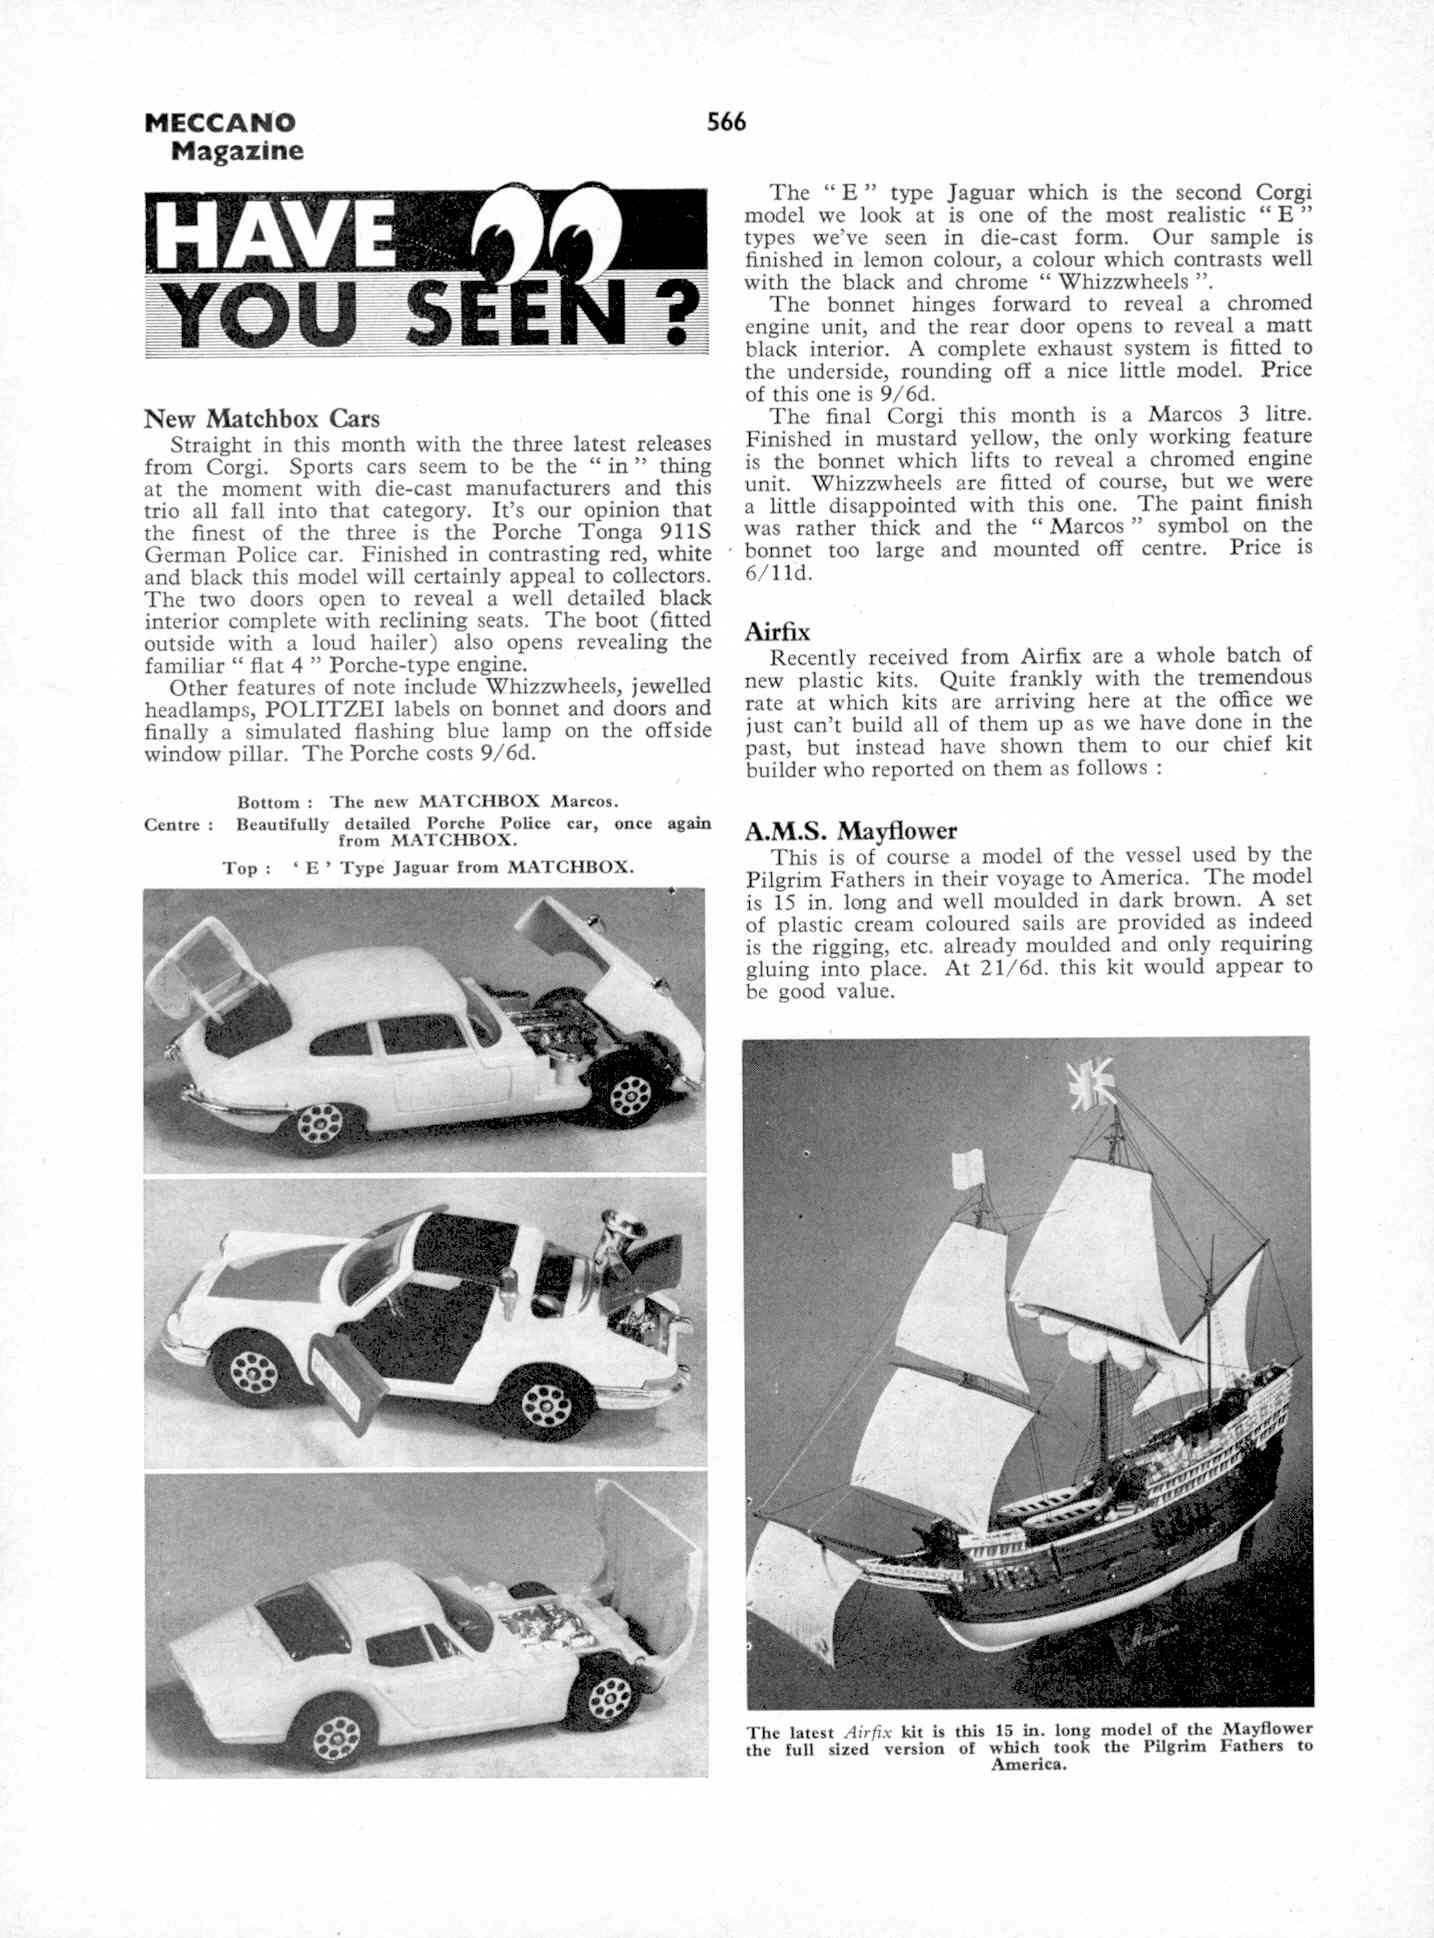 UK Meccano Magazine October 1970 Page 566